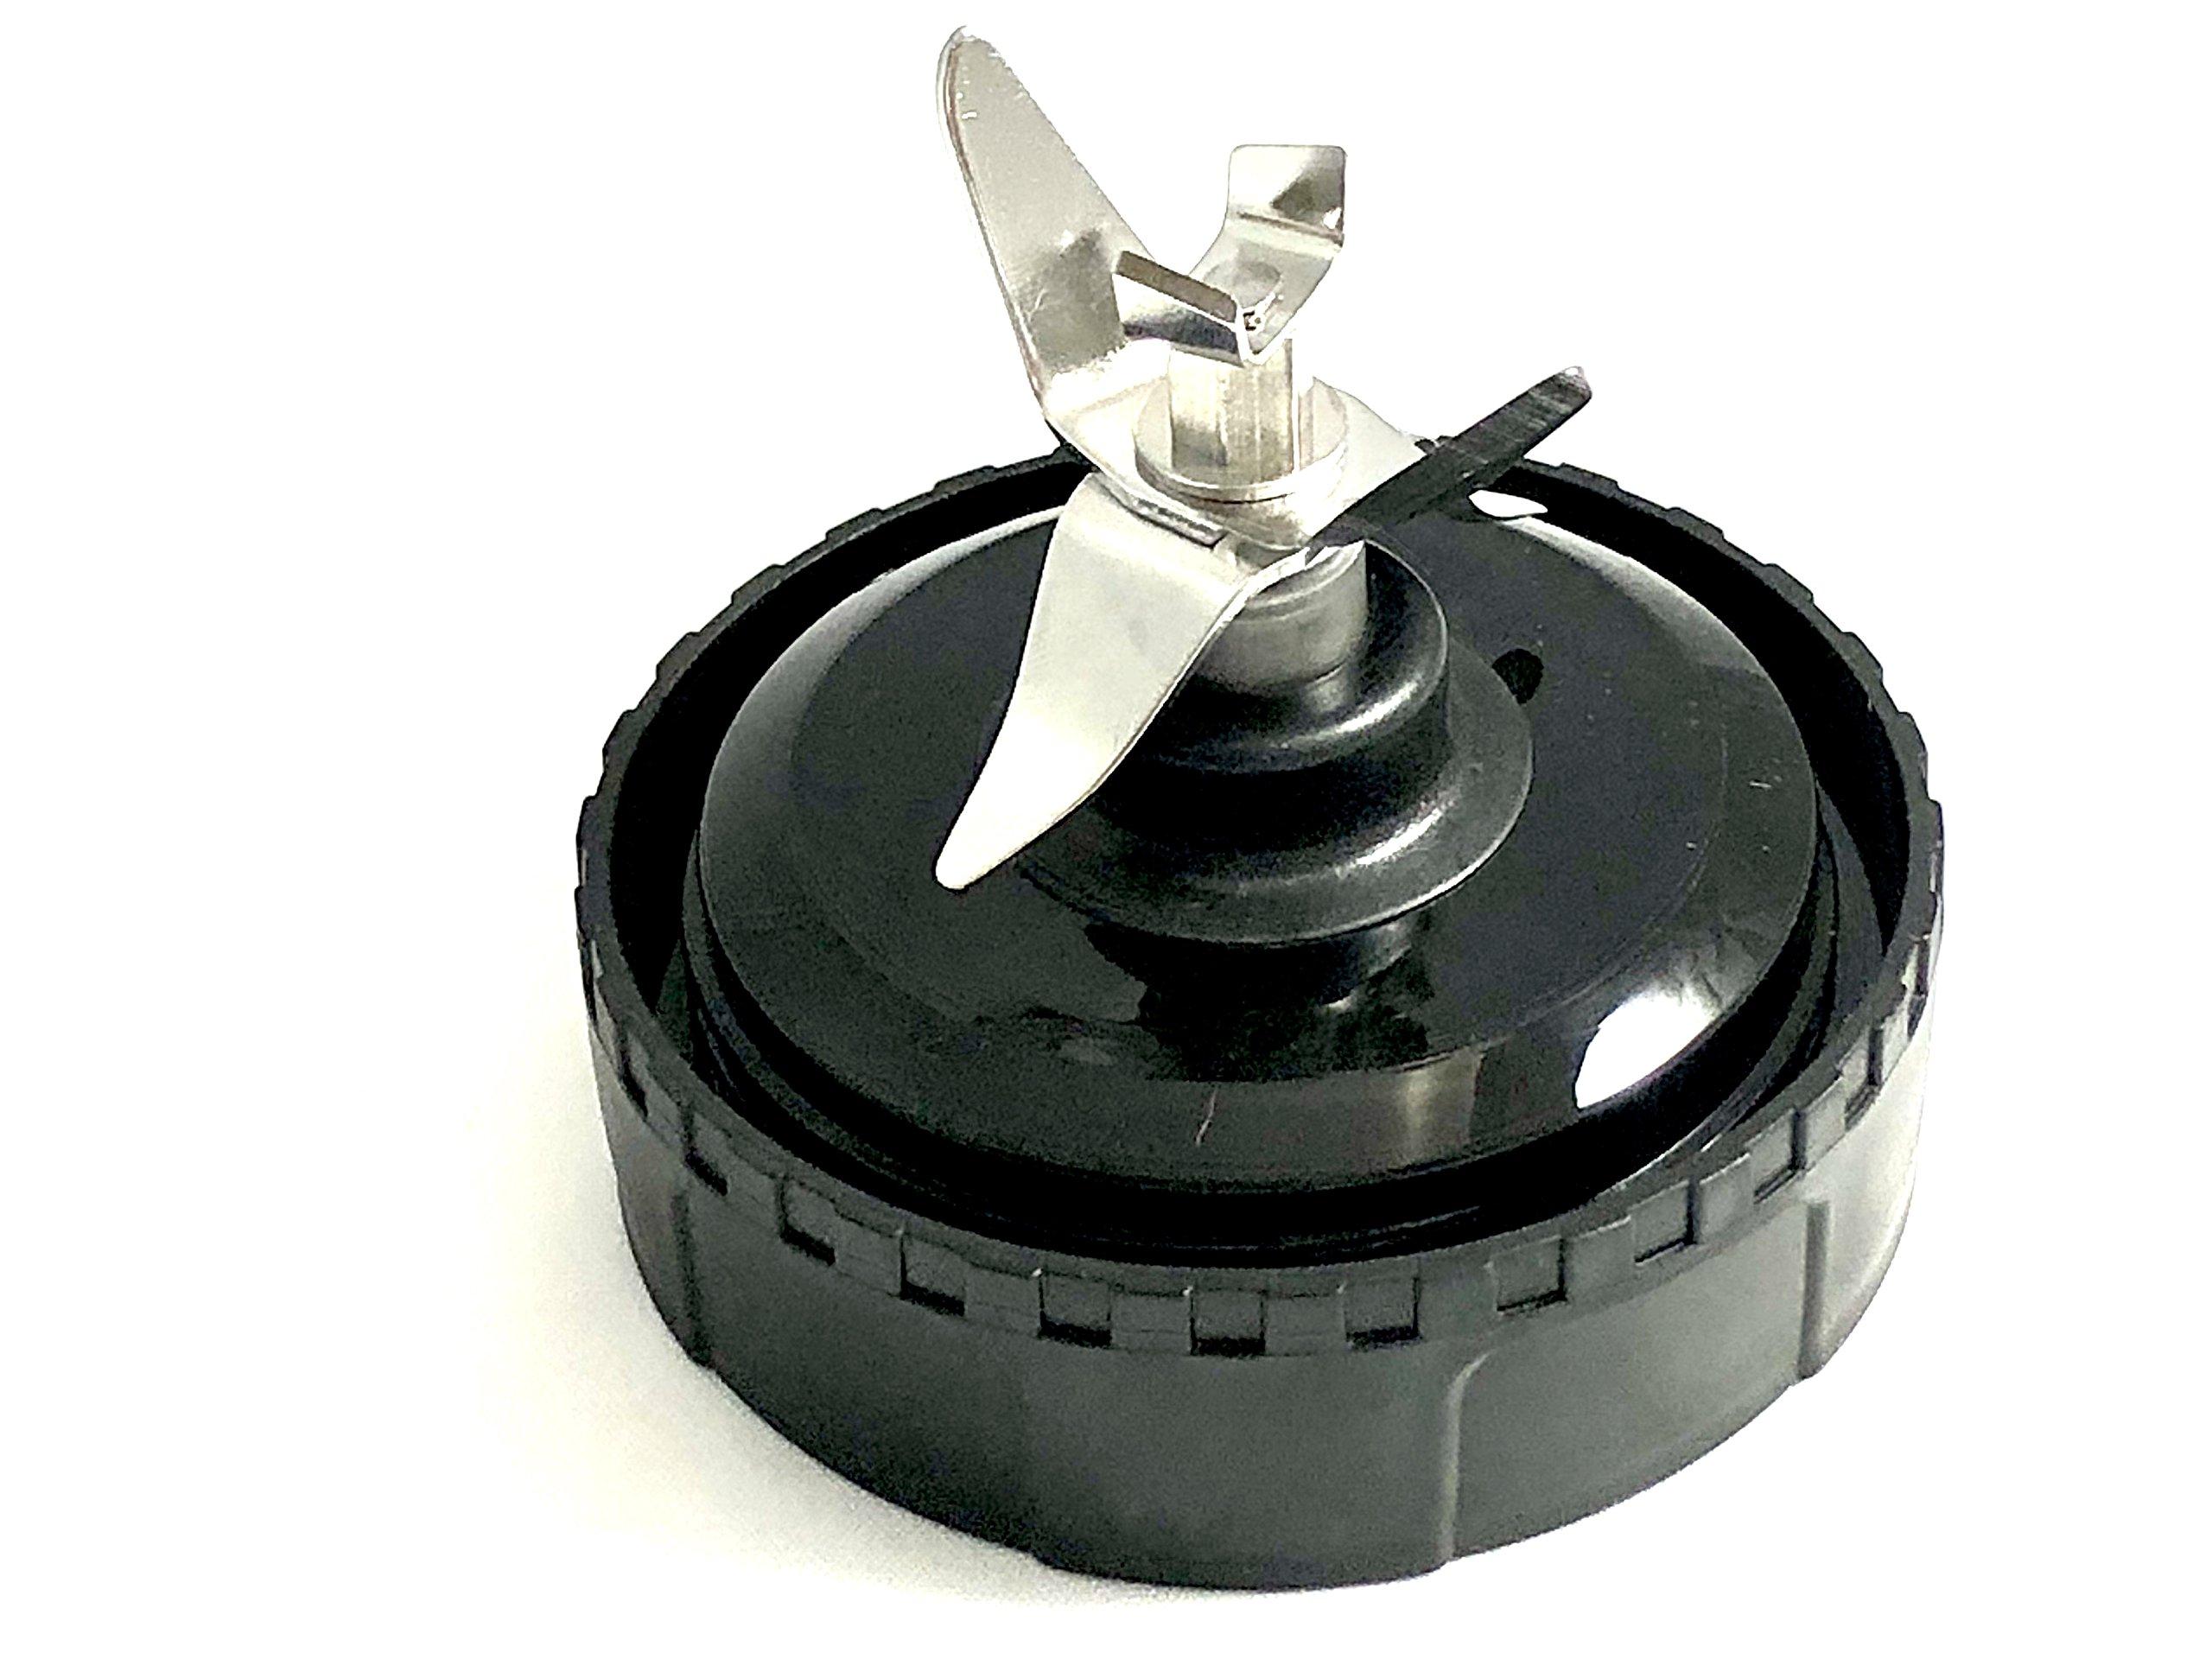 Berucci 6 Fin Stainless Steel Blade for Nutri Ninja Blender BL660 VL770 BL771 BL773CO